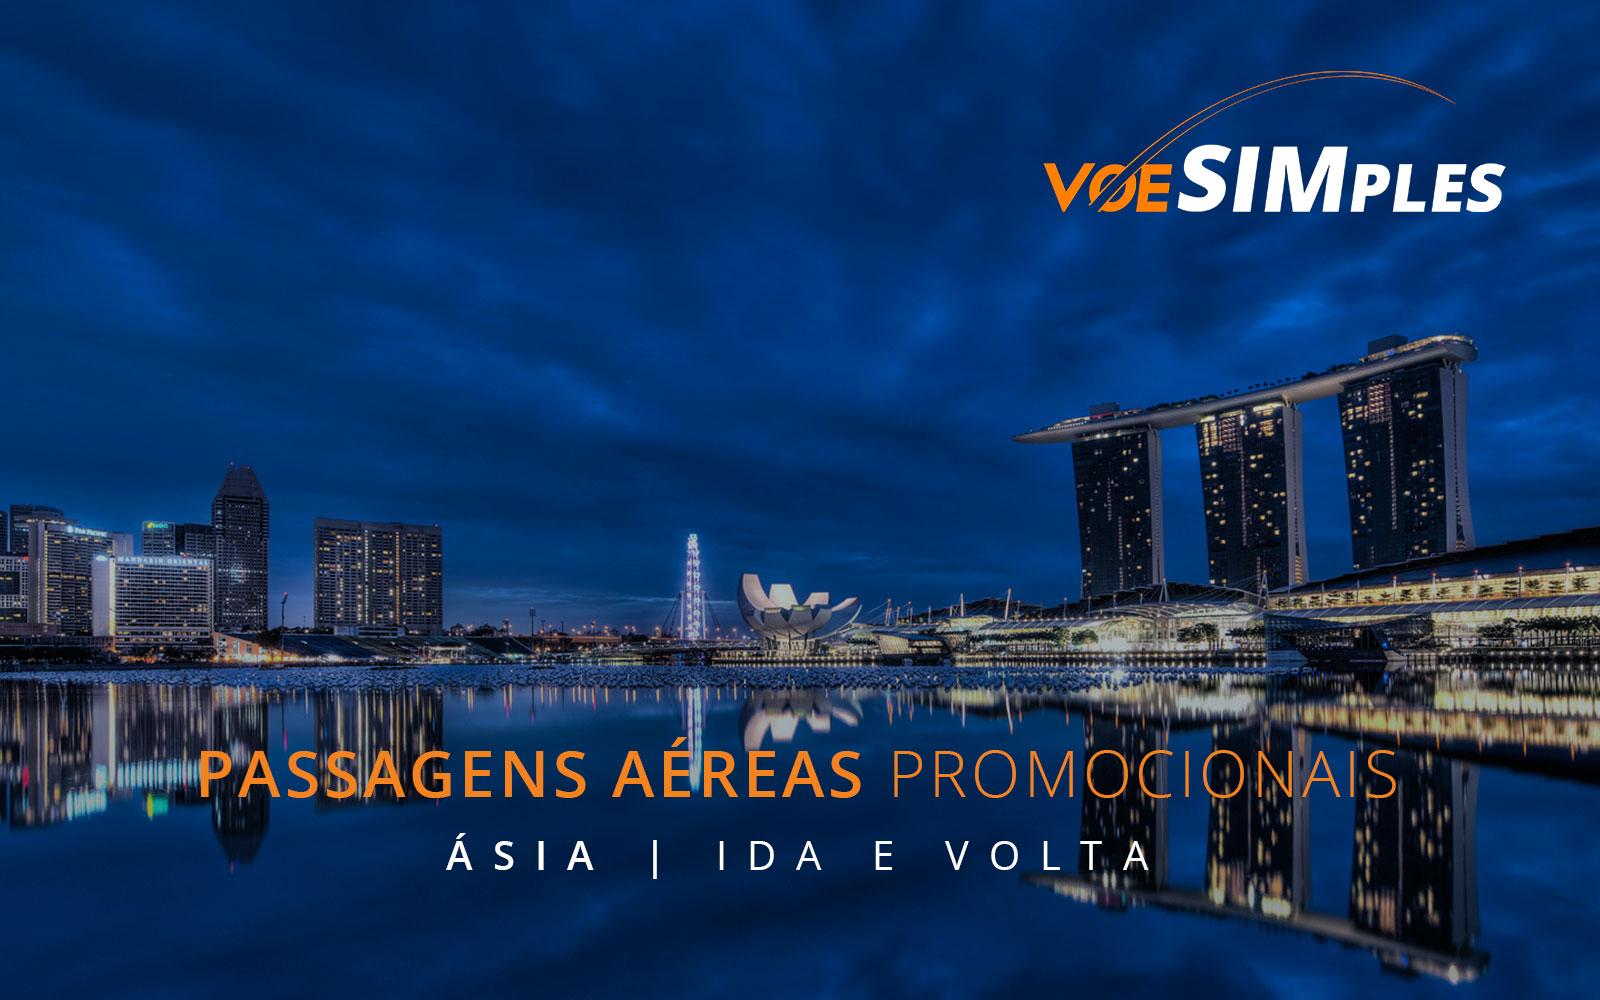 Passagens aéreas promocionais pela Ásia e Austrália